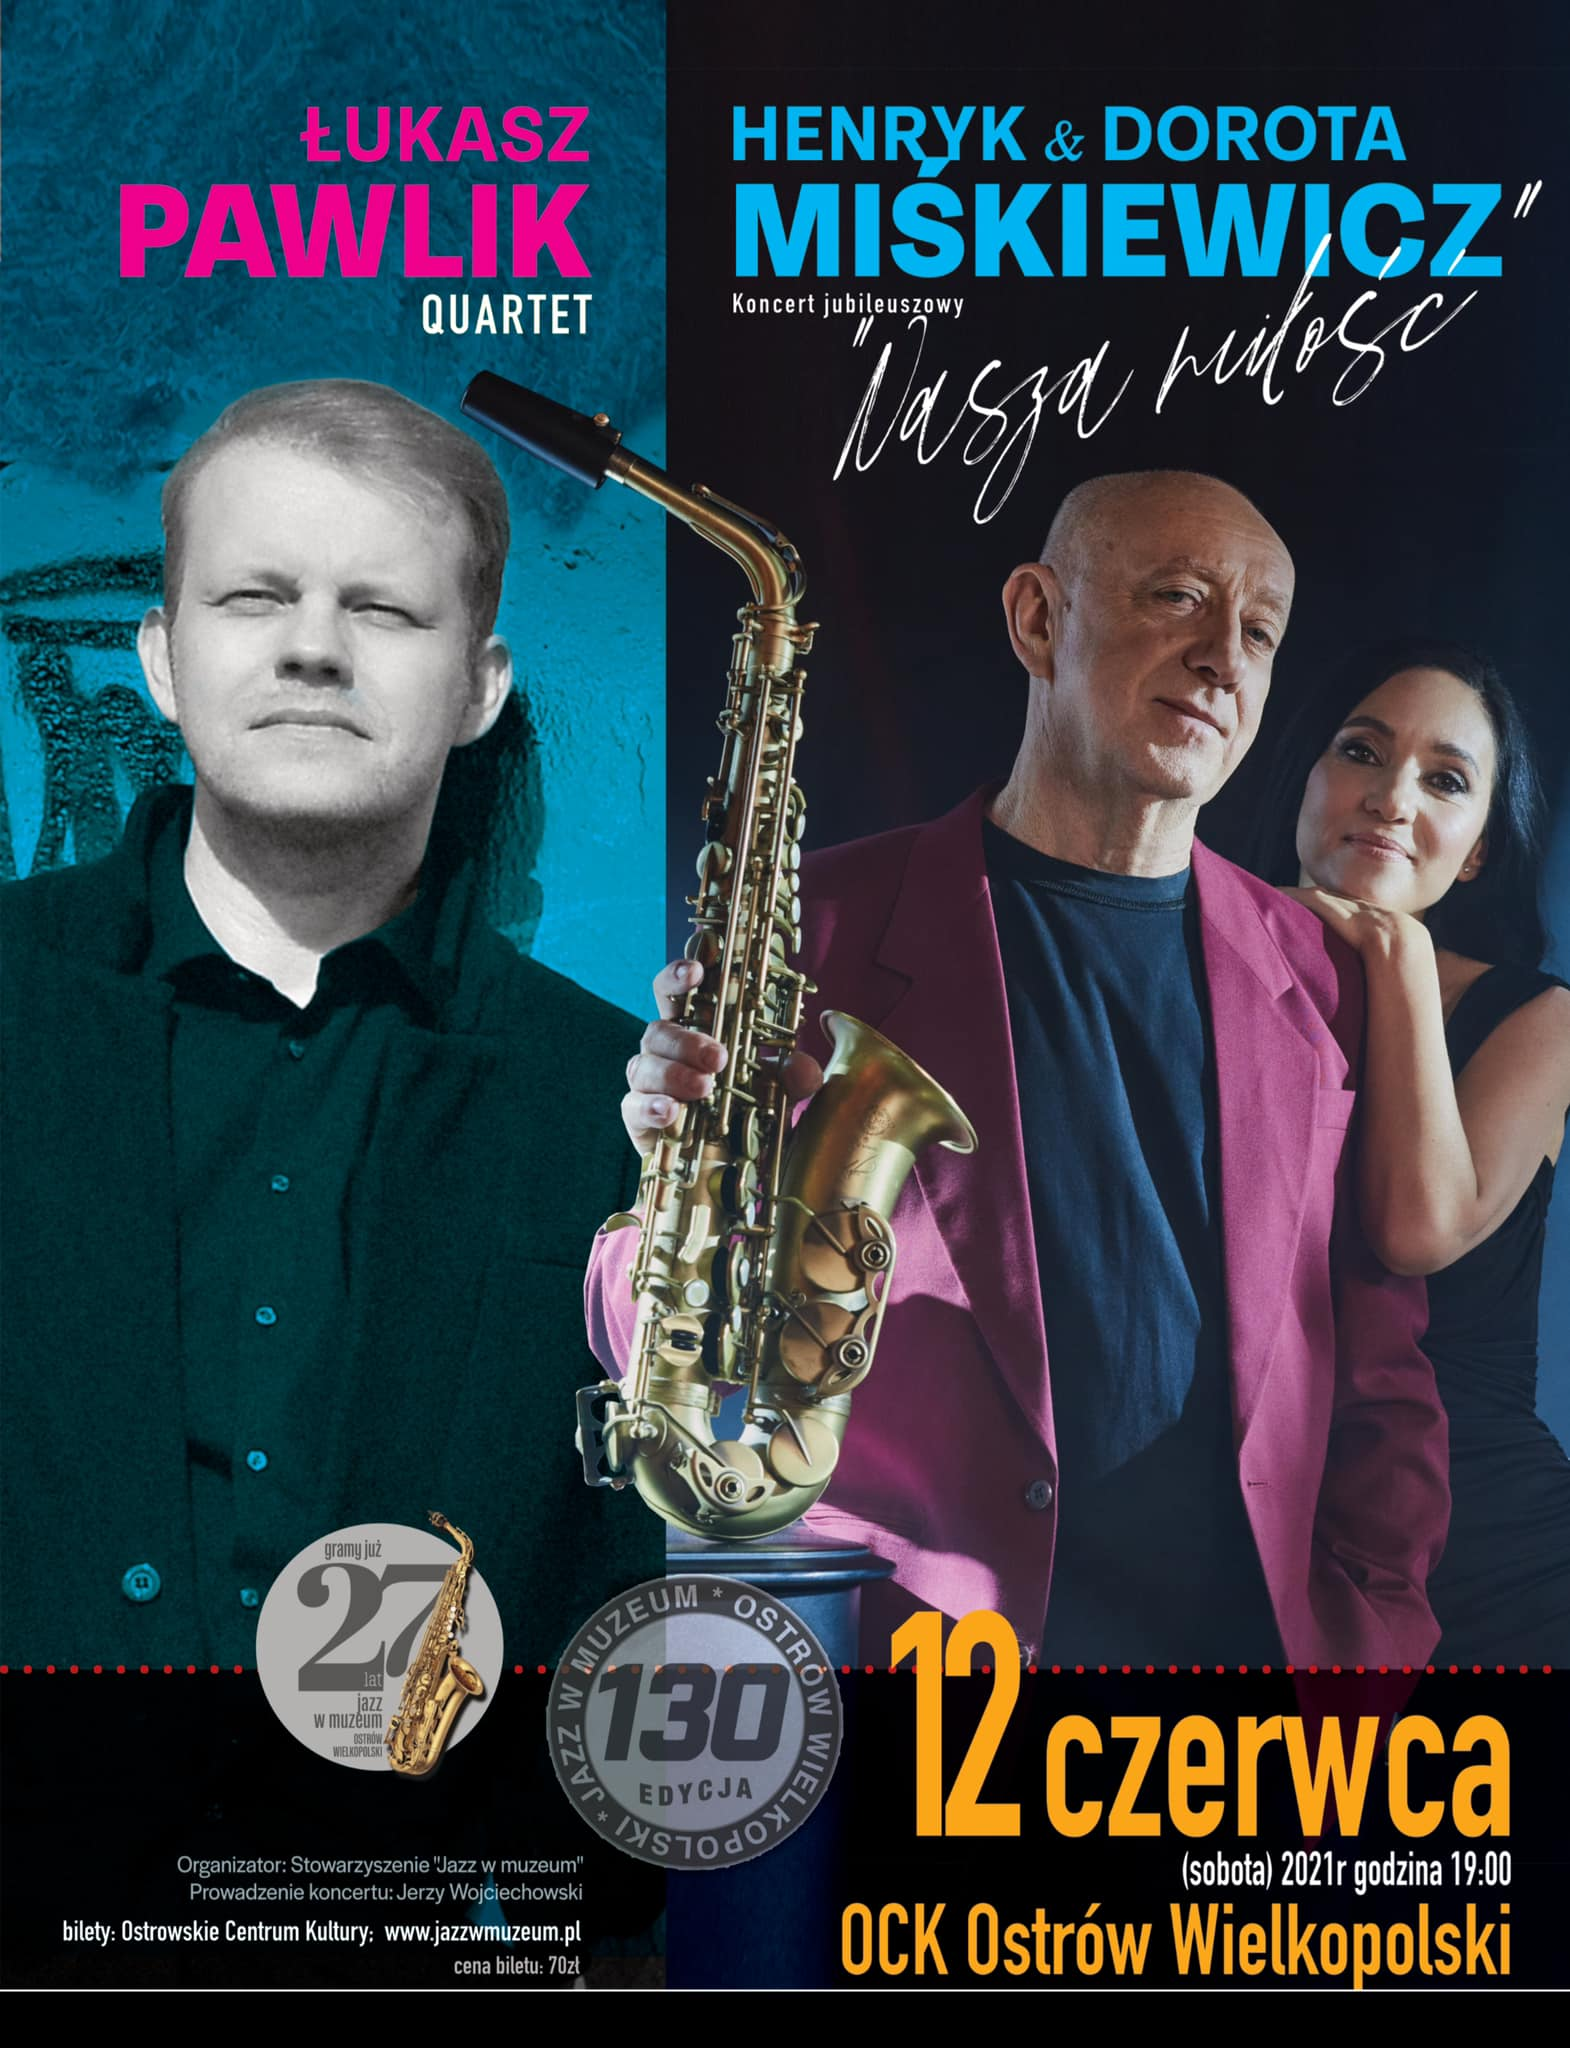 Jazz w muzeum | Łukasz Pawlik Quartet / Henryk Miśkiewicz i Dorota Miśkiewicz